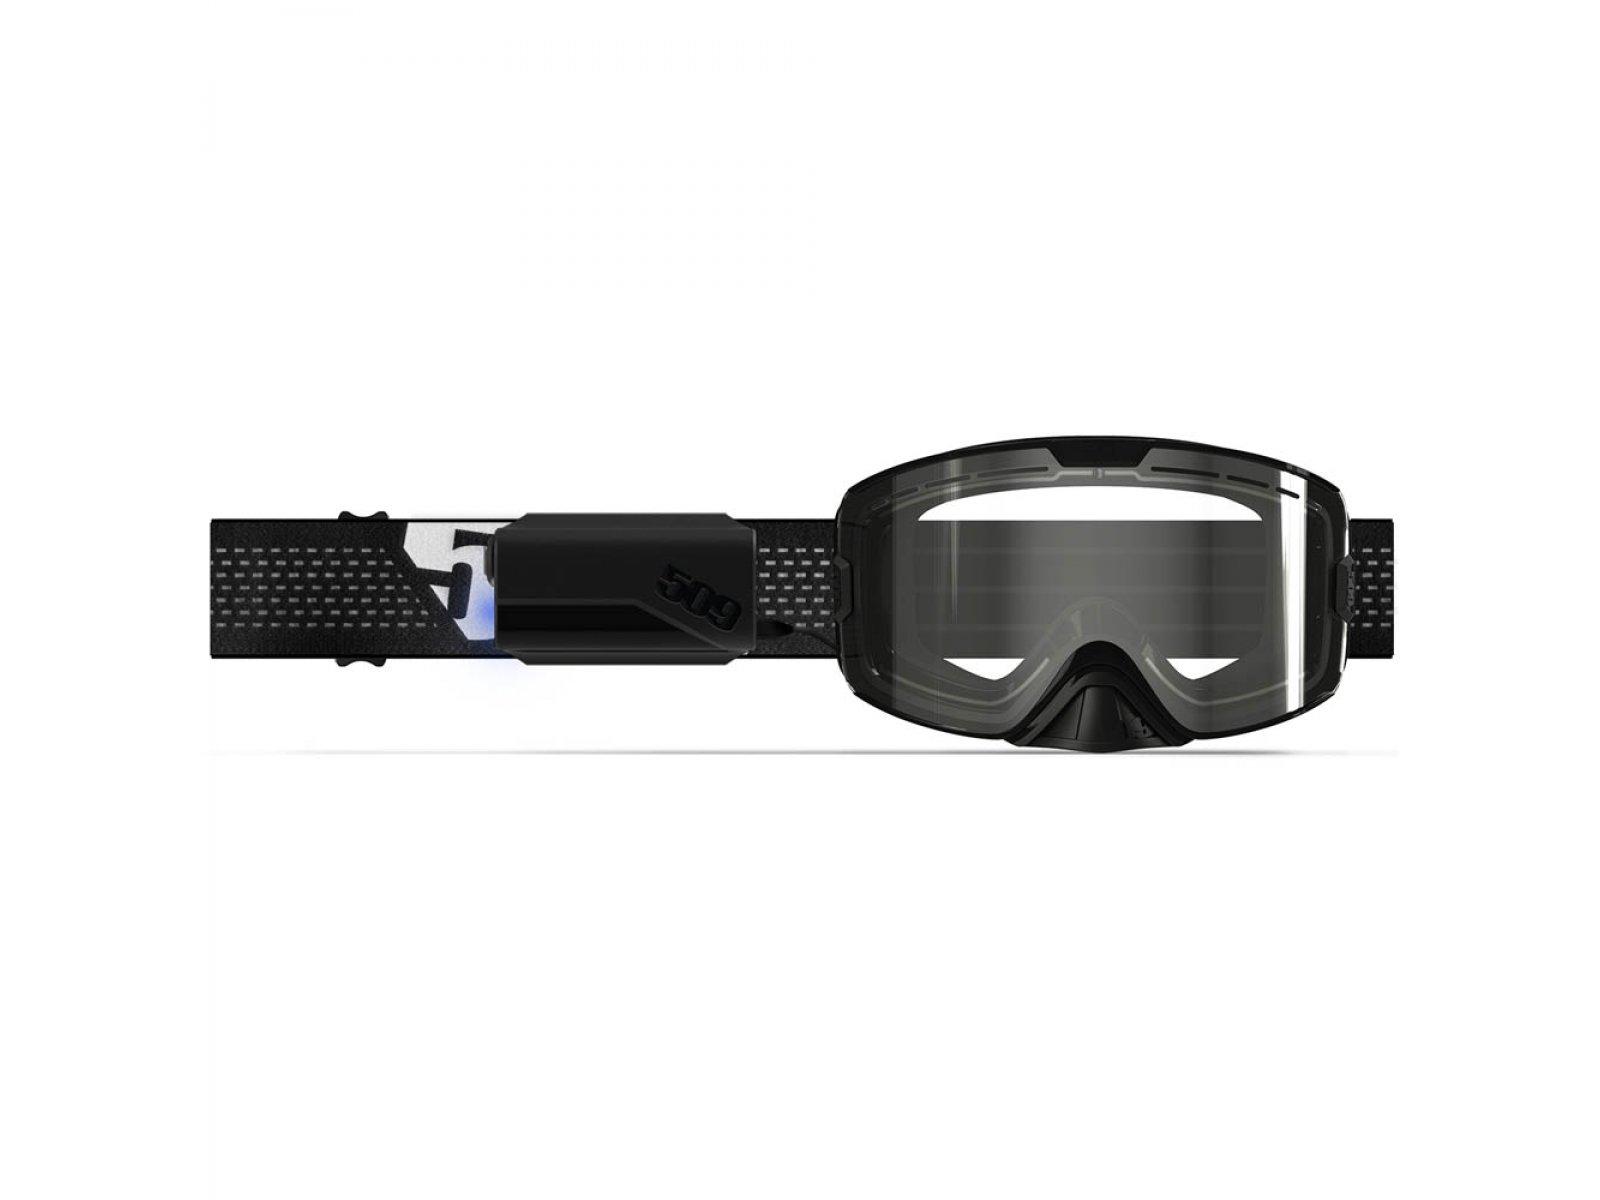 Очки снегоходные с подогревом 509 KINGPIN IGNITE Nightvision